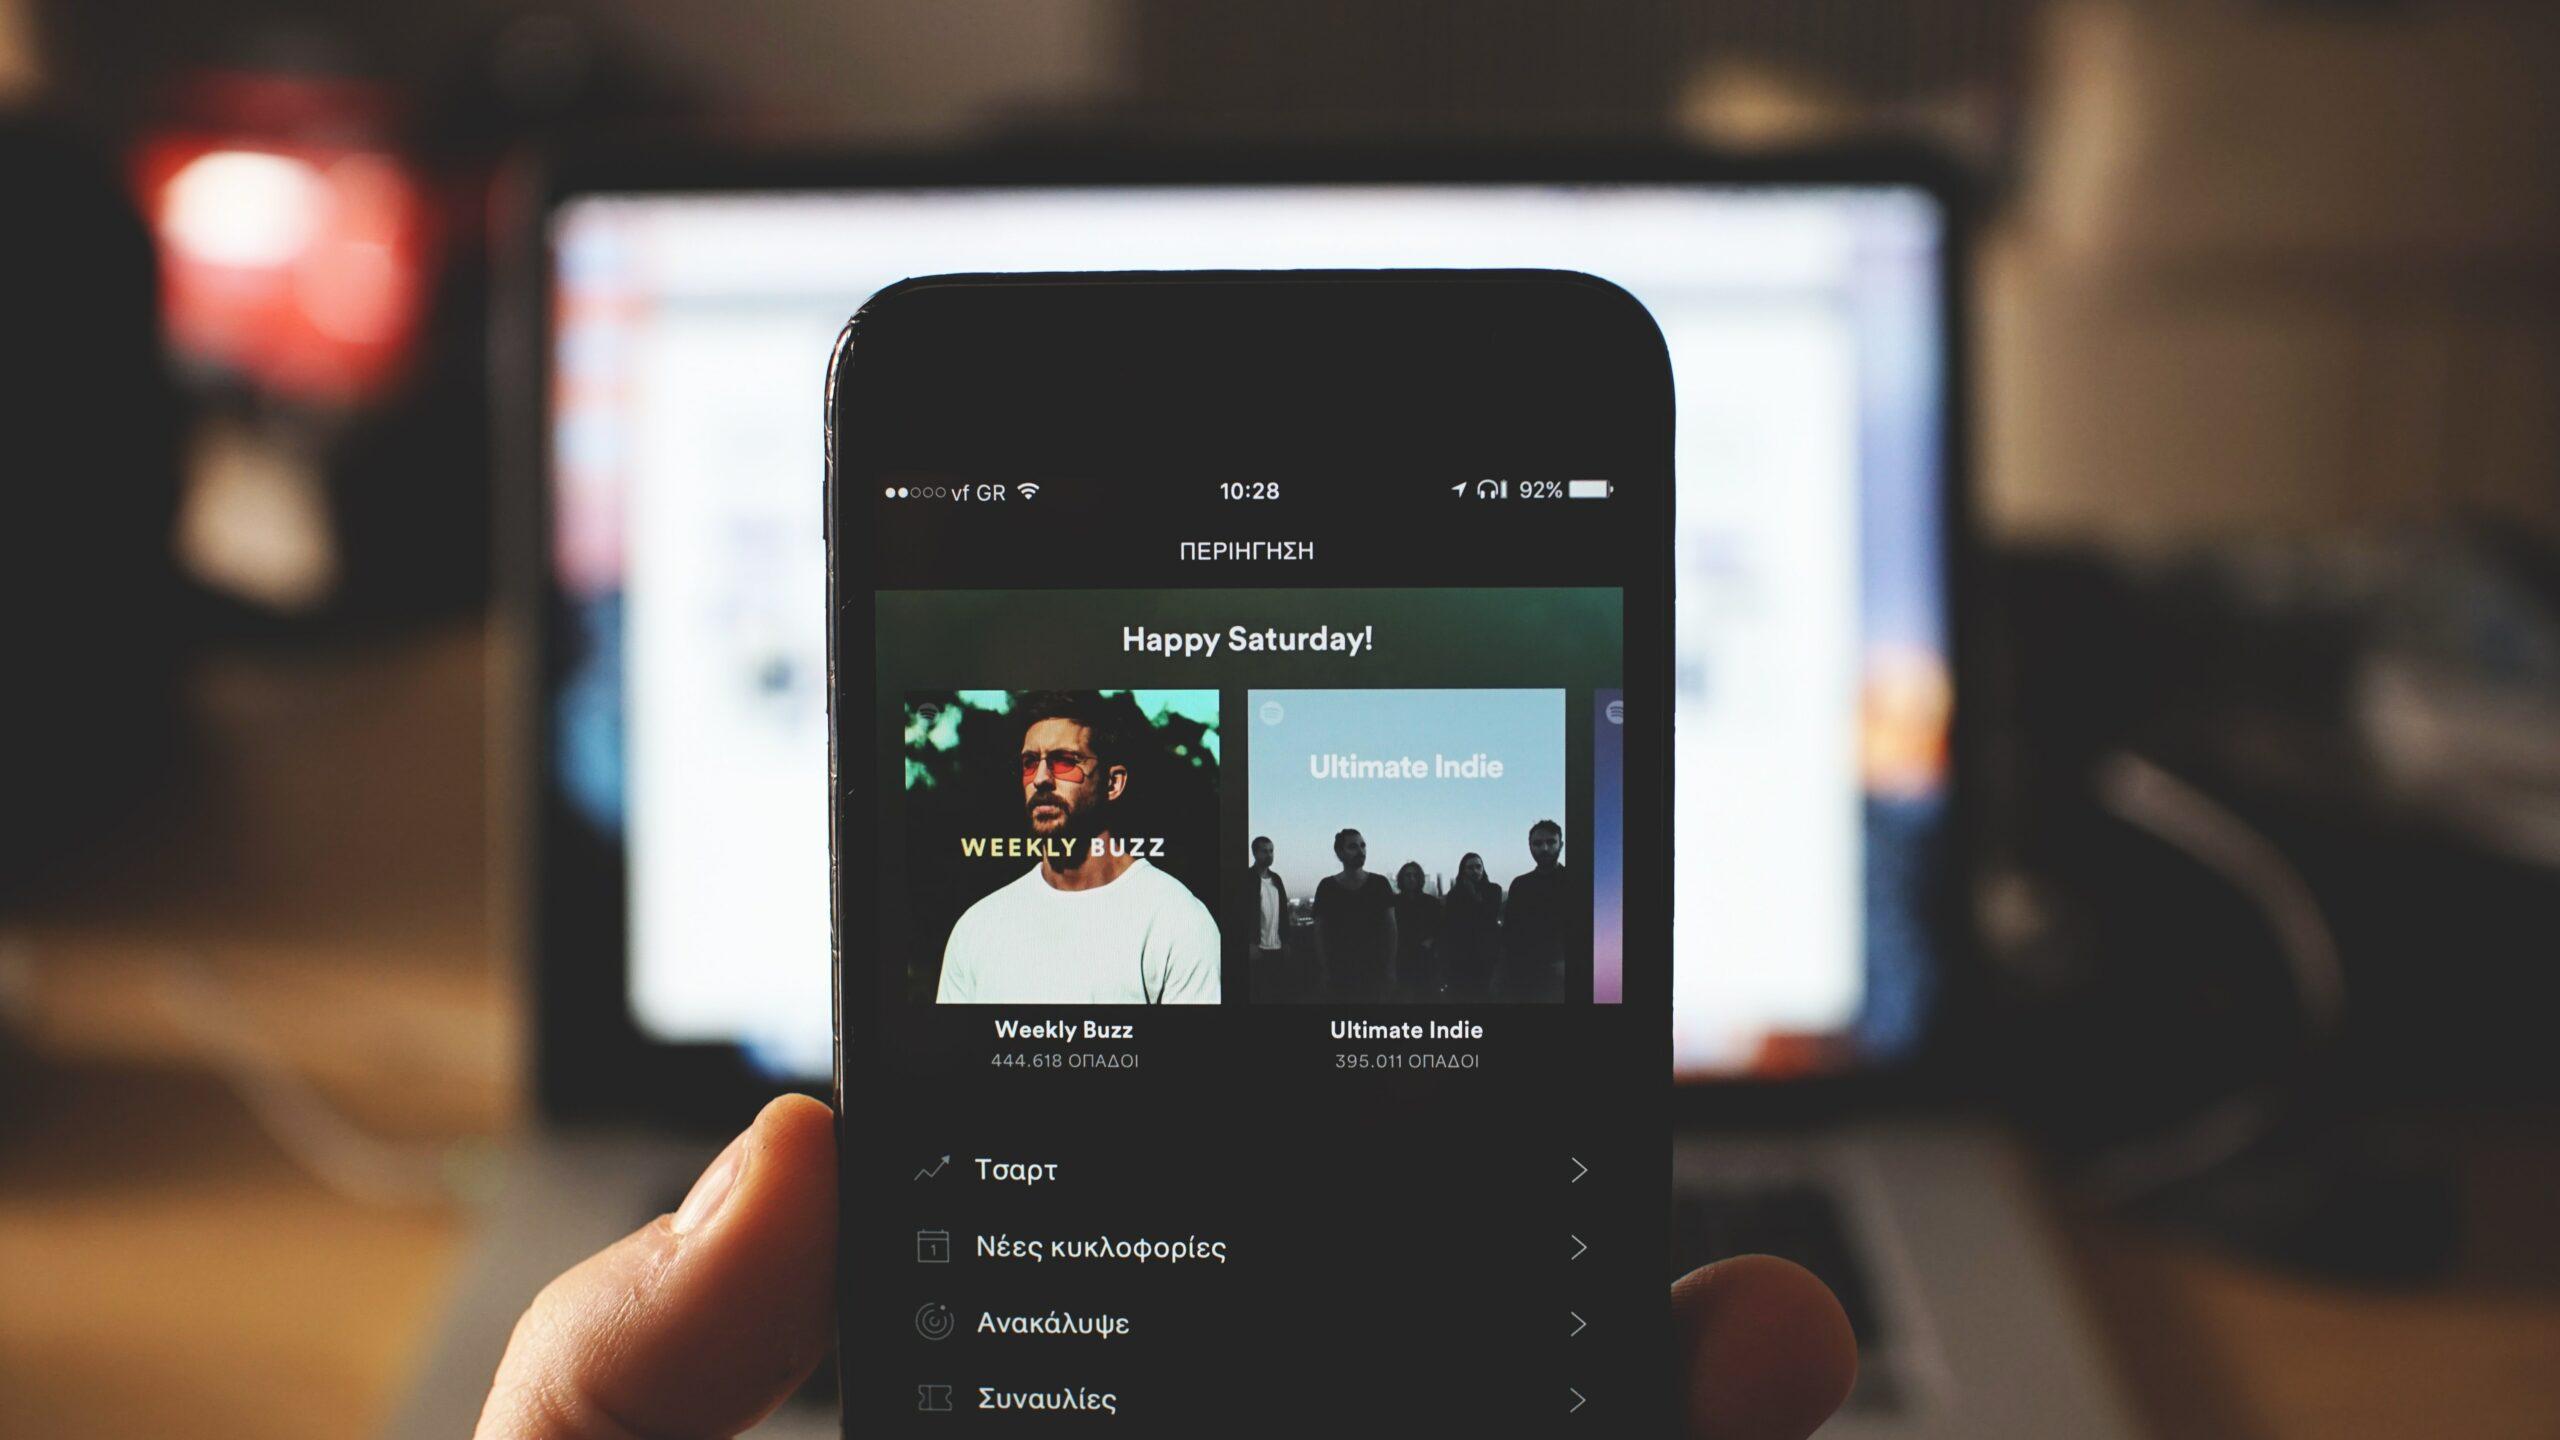 Spotify realiza una playlist personalizada si escucho música clásica, reggaetón, banda, pop ochentero en español y dark metal como mi top 5.